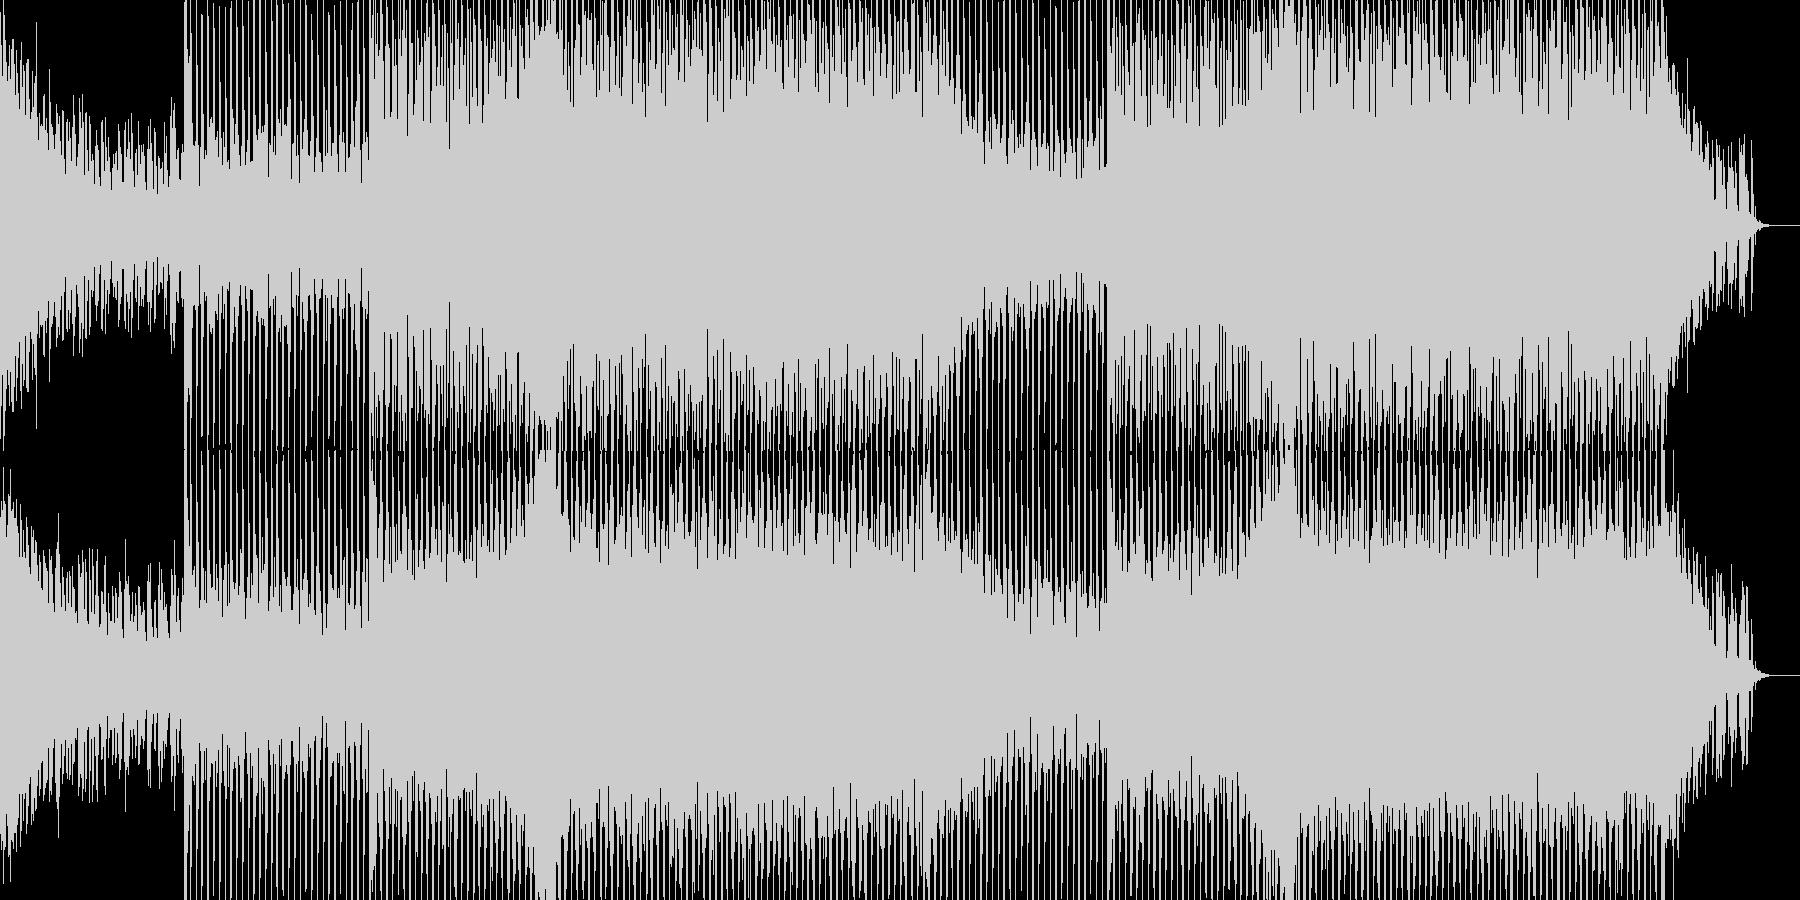 EDMクラブ系ダンスミュージック-100の未再生の波形